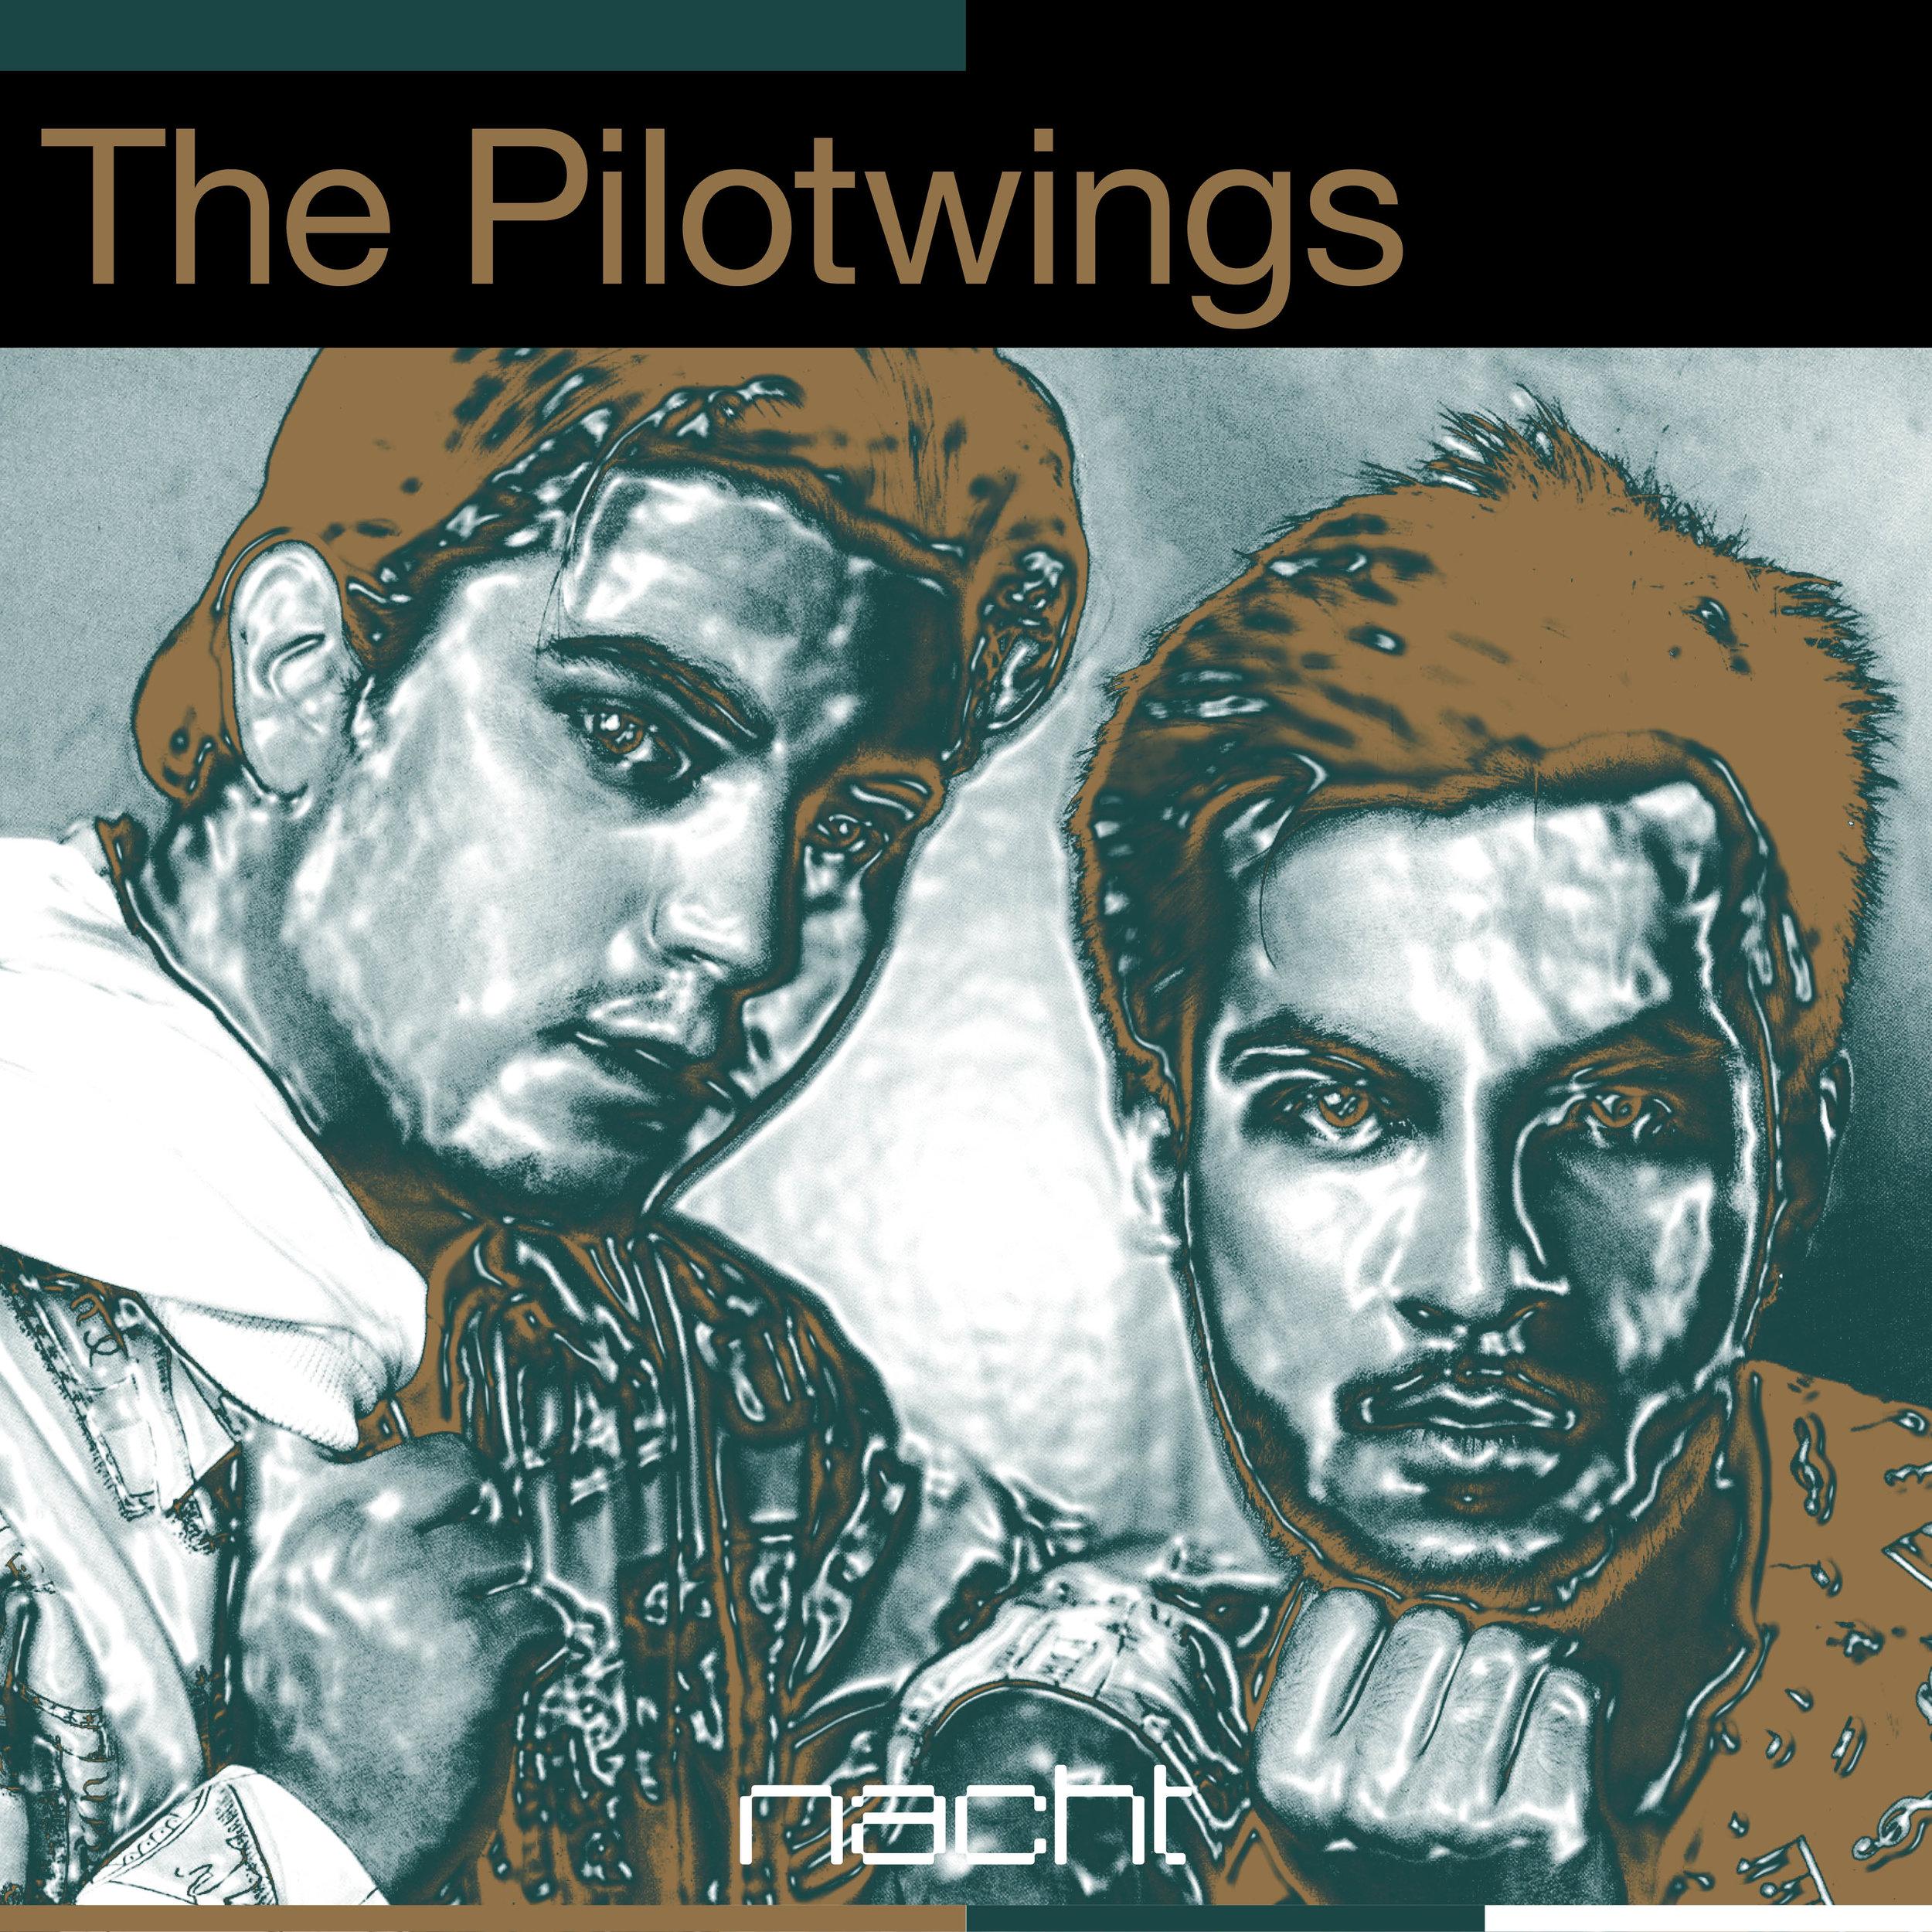 Pilotwings 1x1.jpg